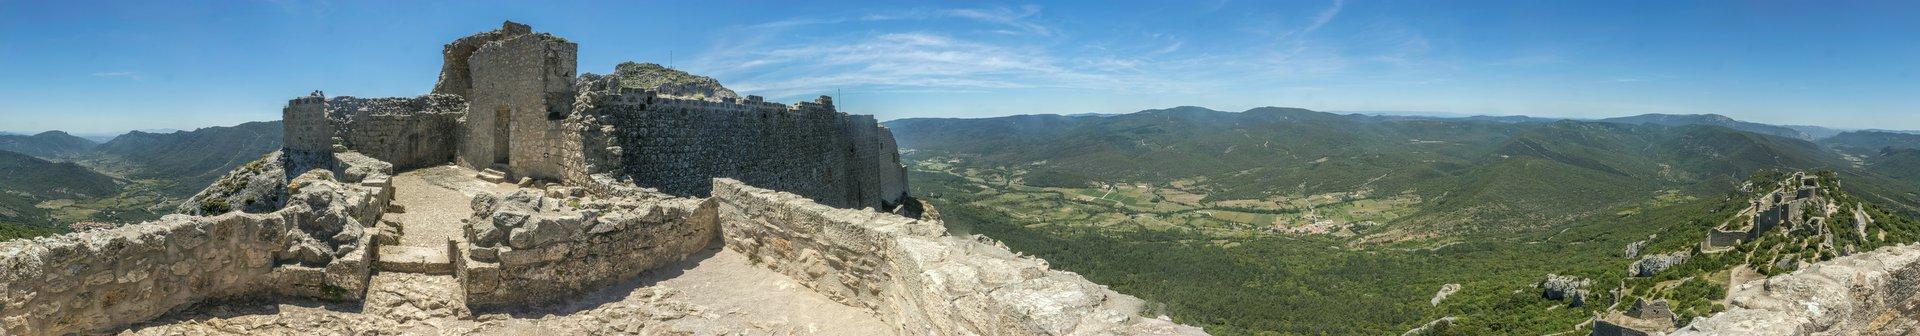 360° Panorama vom Donjon der oberen Burg vom Château de Peyrepertuse